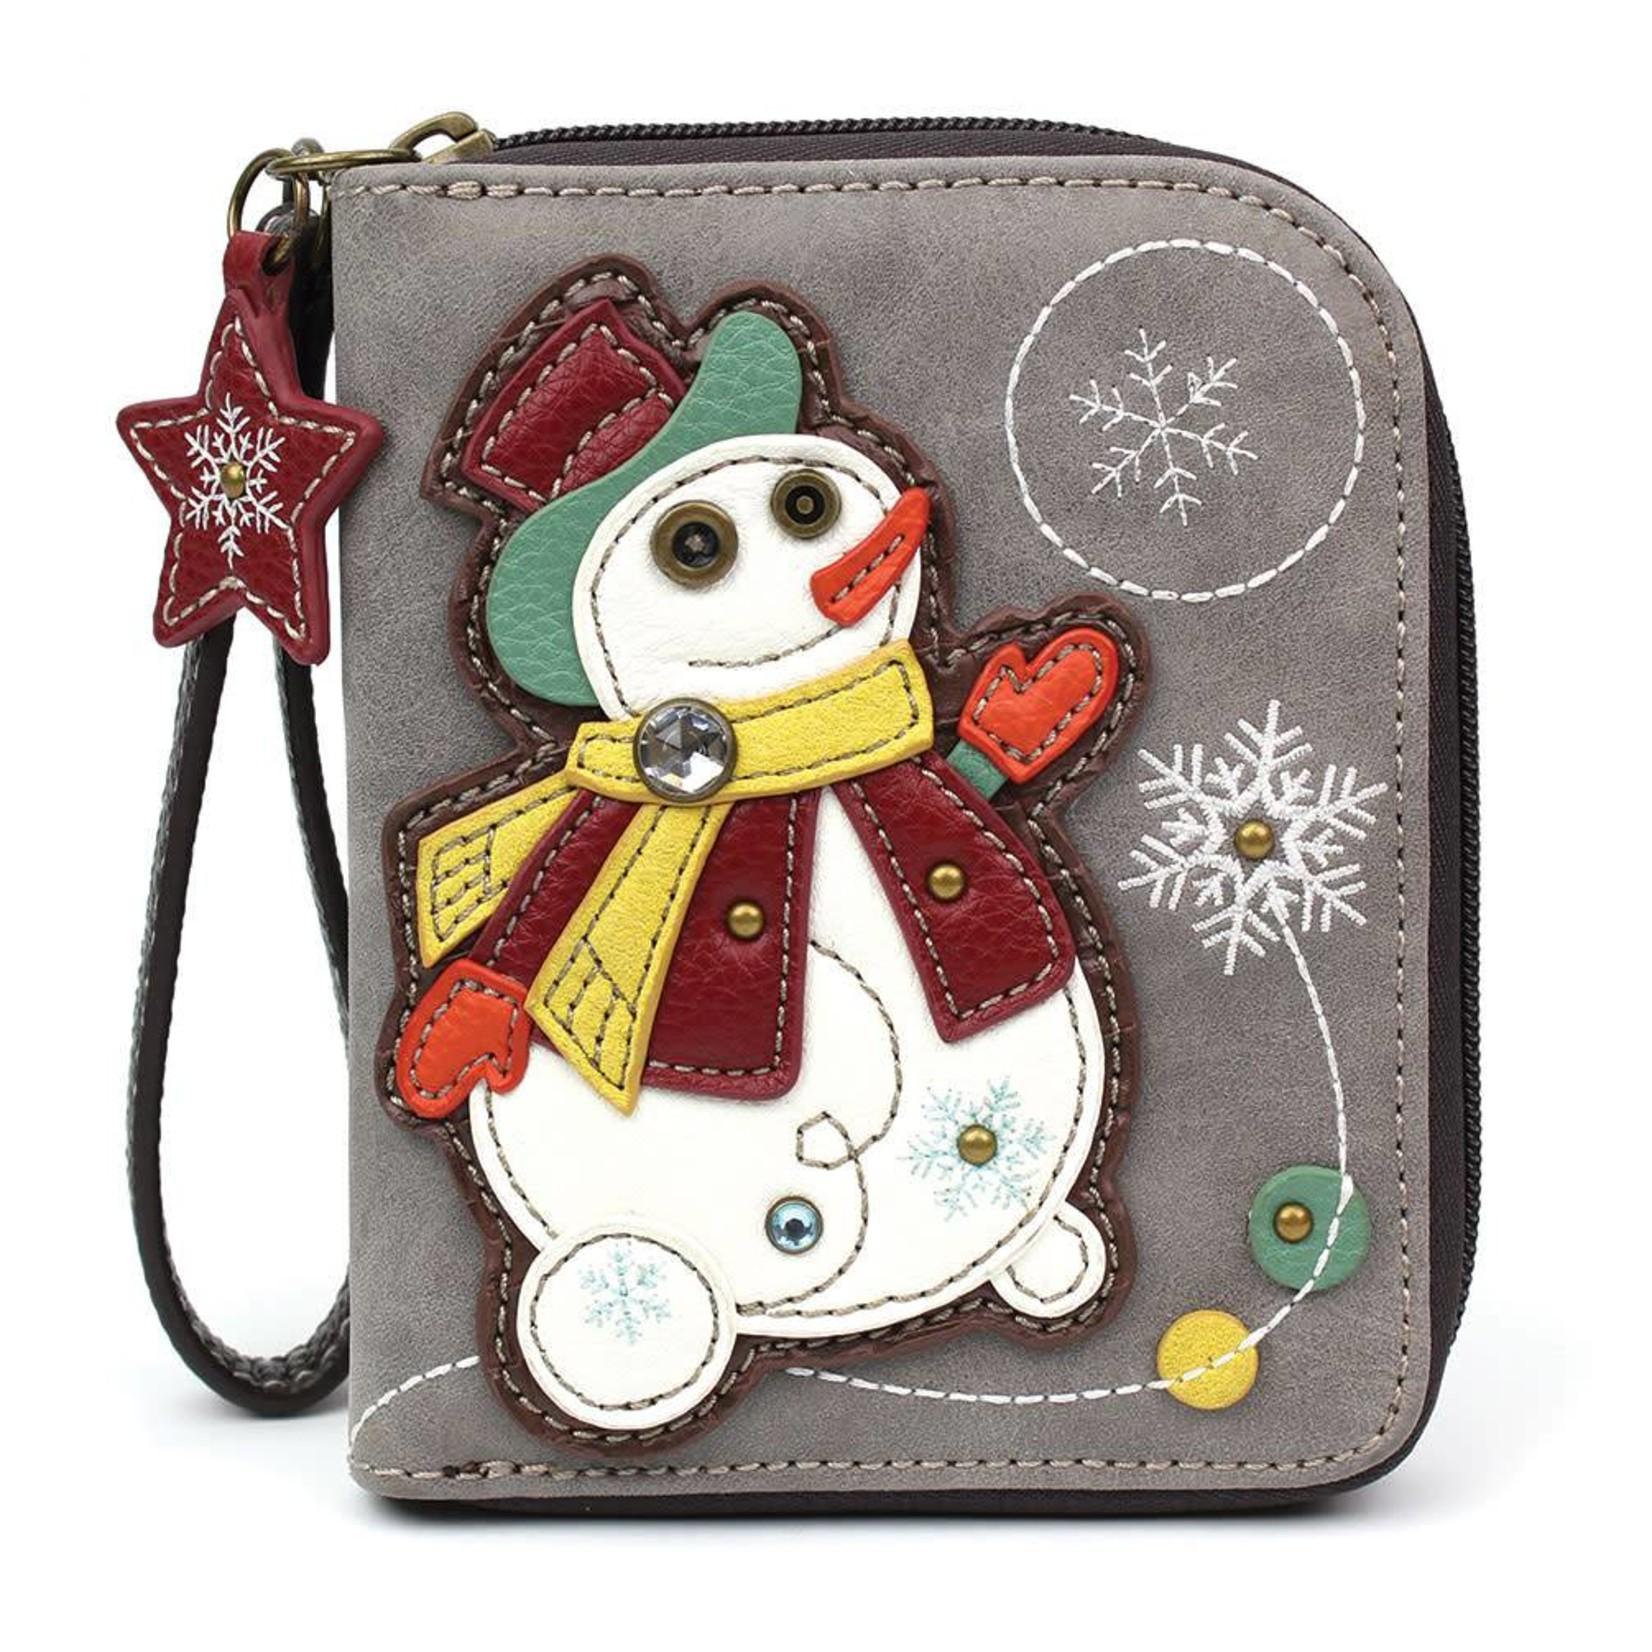 Chala Zip Around Wallet Snowman